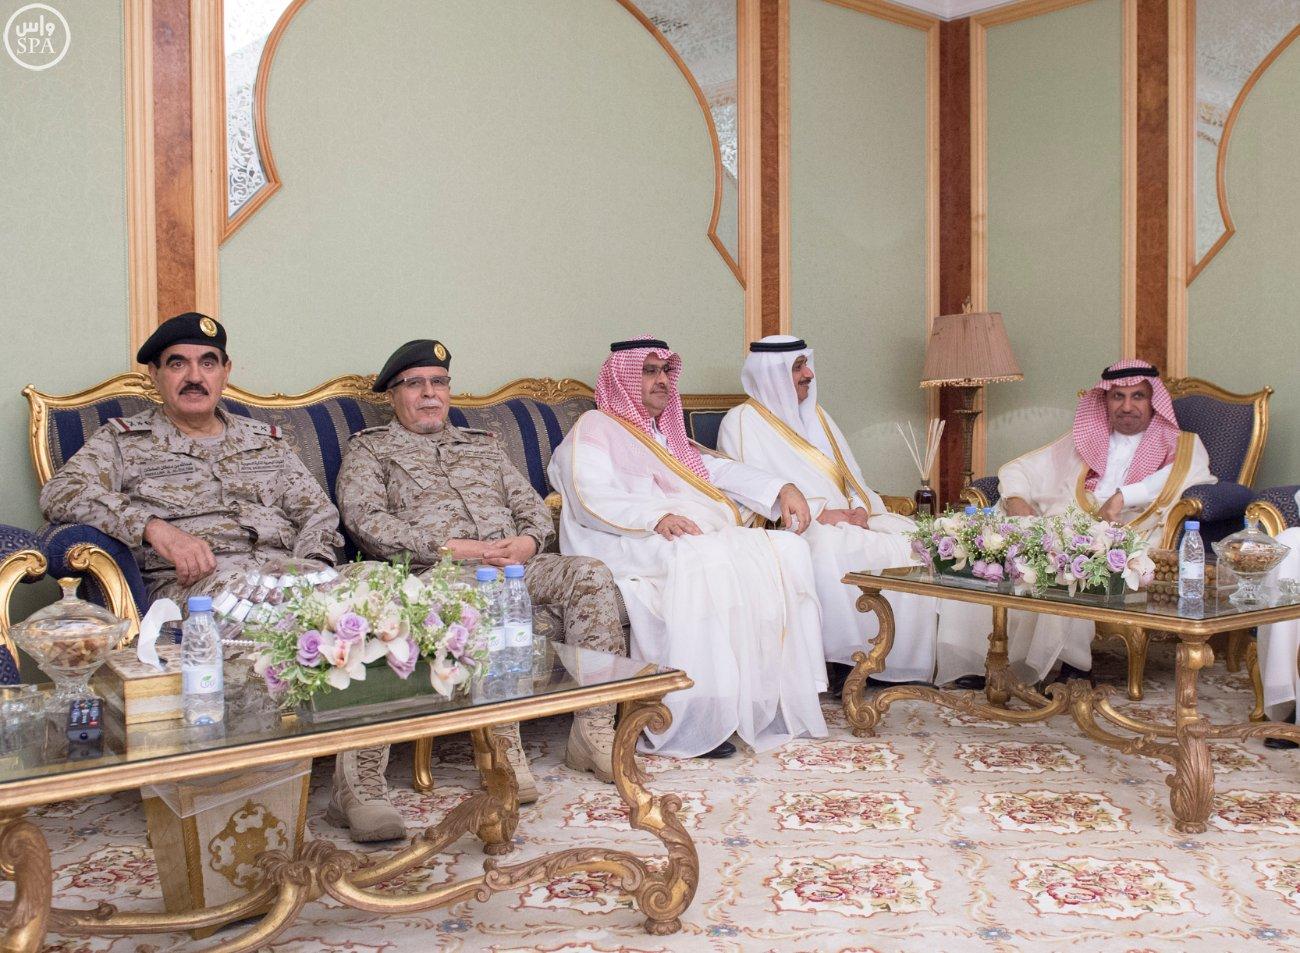 محمد بن سلمان يستقبل كبار القادة والمسئولين في وزارة الدفاع بمناسبة عيد الفطر (7)